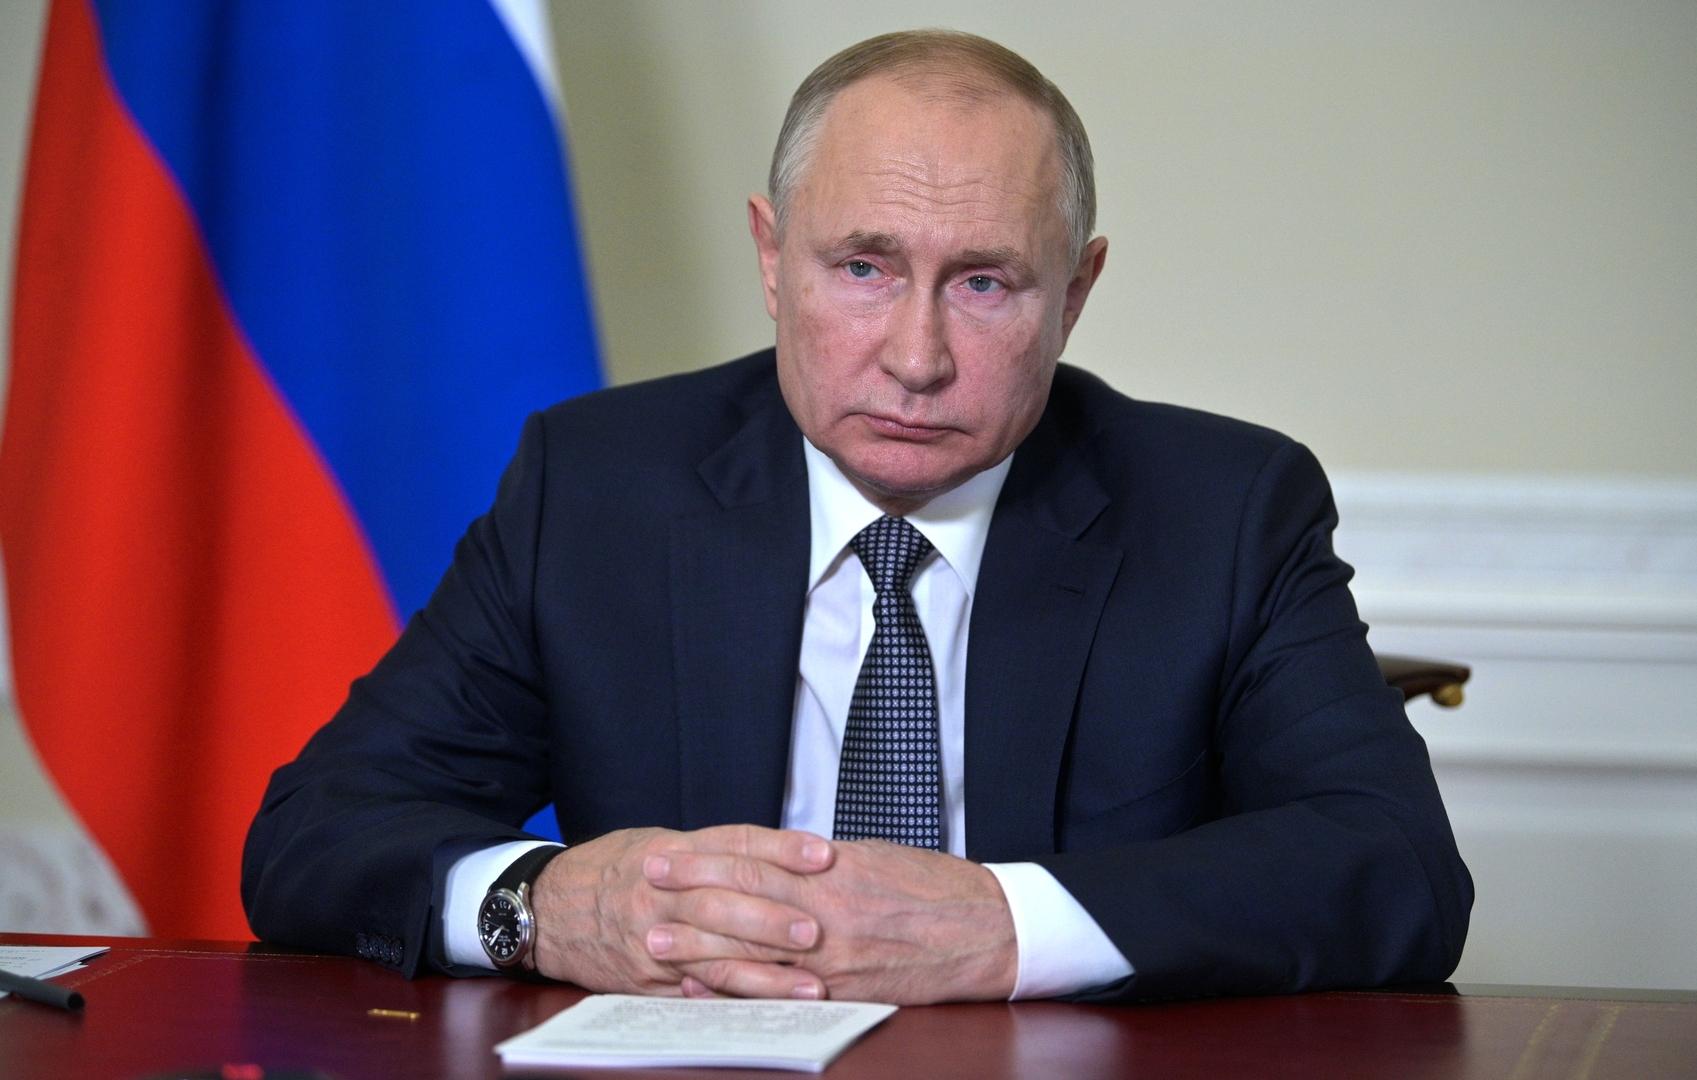 بوتين عن الوضع في قره باغ: سلام سيء أفضل من حرب جيدة